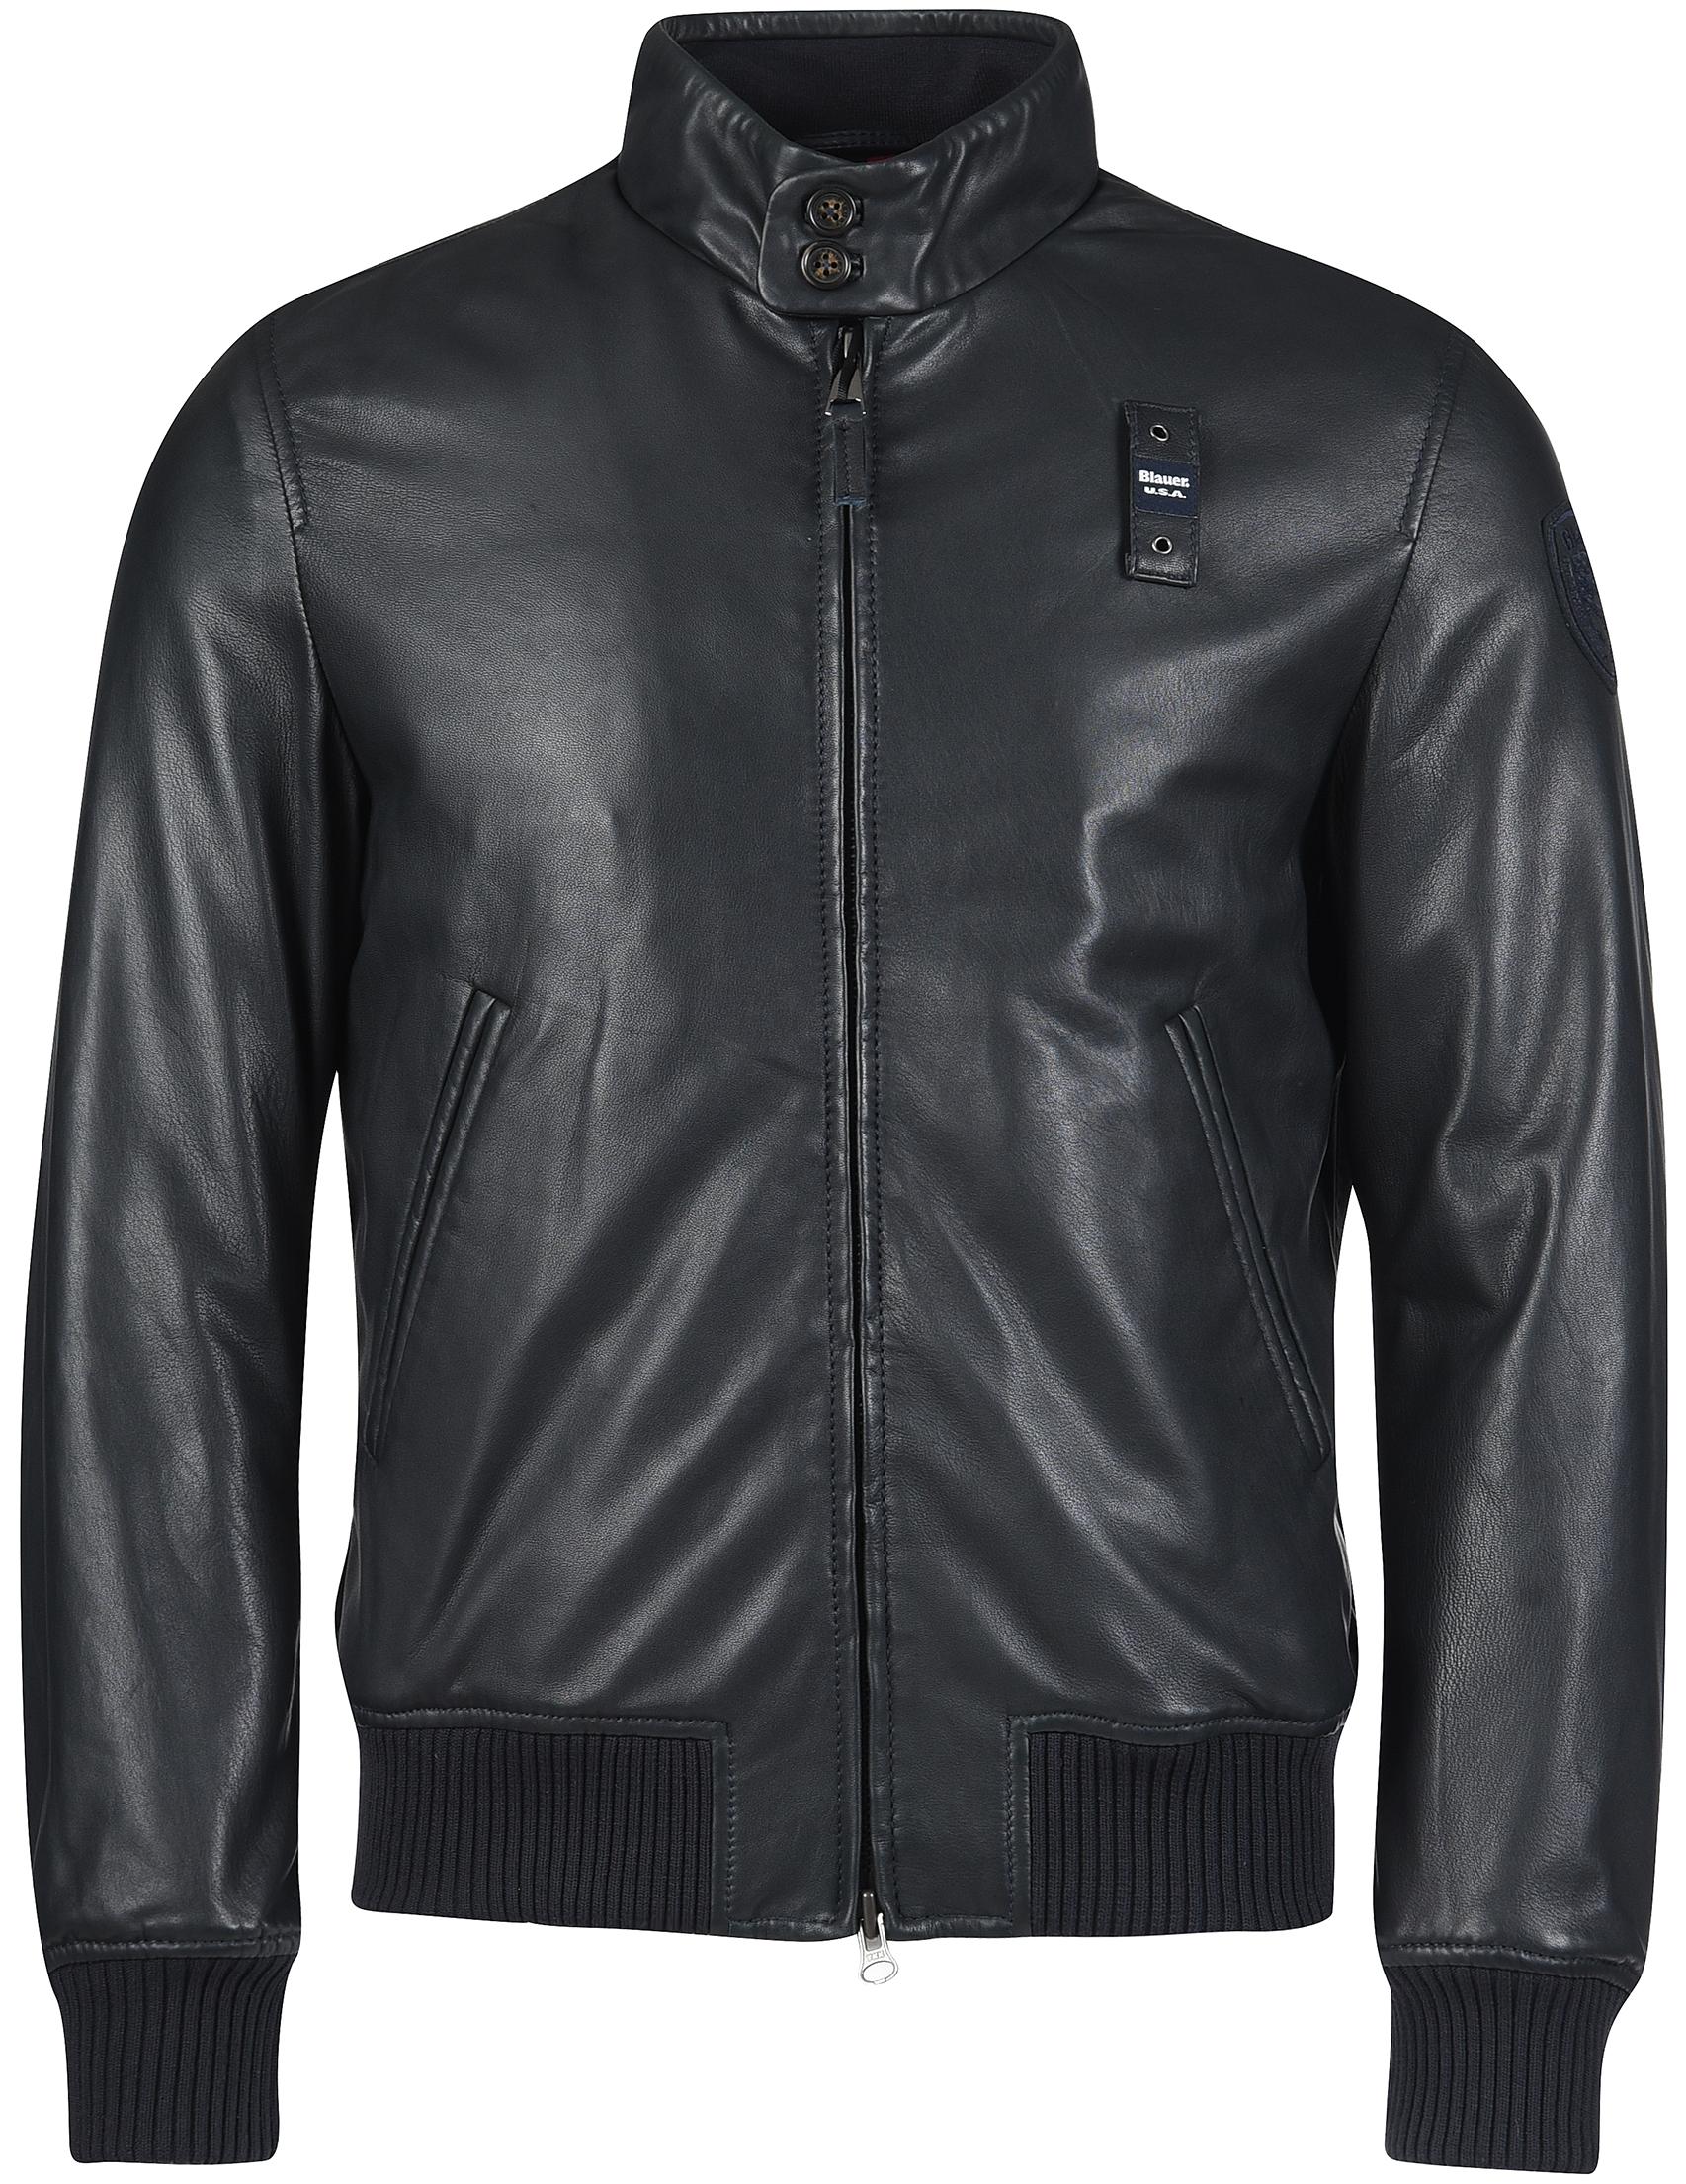 Купить Куртки, Куртка, BLAUER, Черный, 100%Кожа;100%Полиамид;100%Полиэстер, Осень-Зима